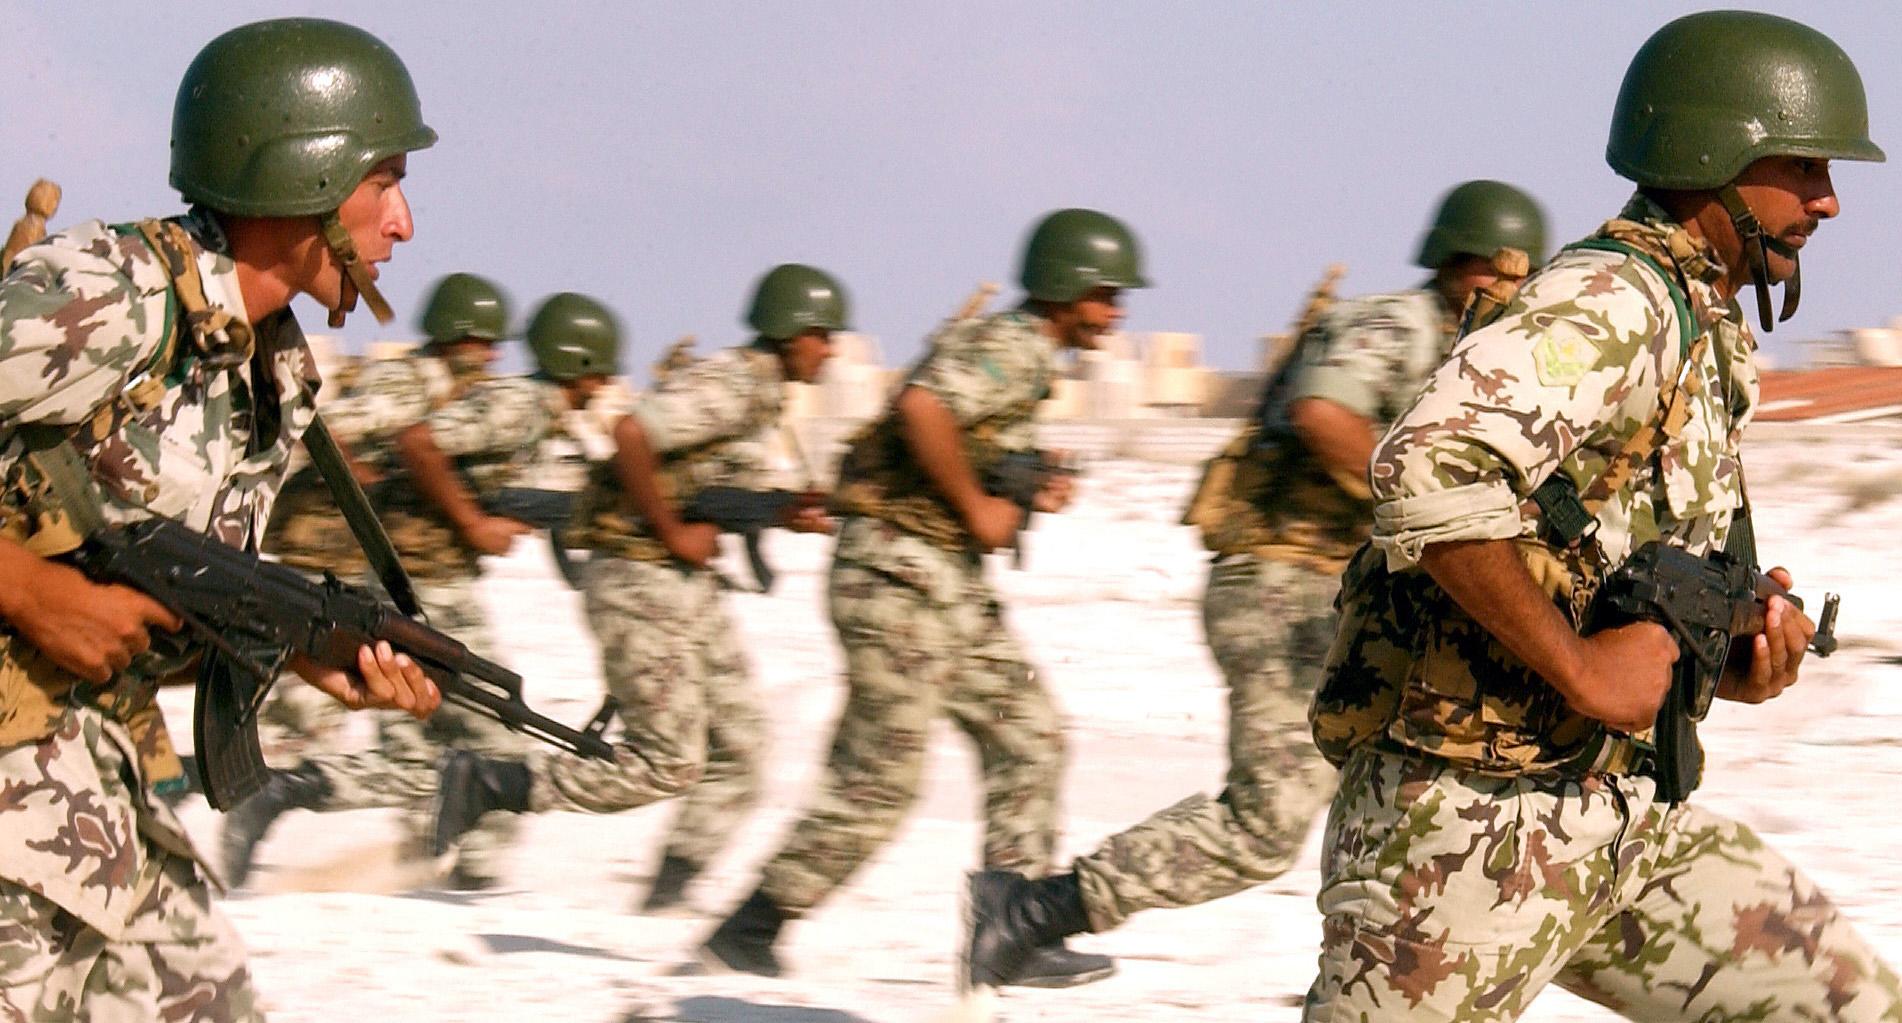 الجيش المصري يحتفل بمرور 100 عام على الحرب العالمية الأولى